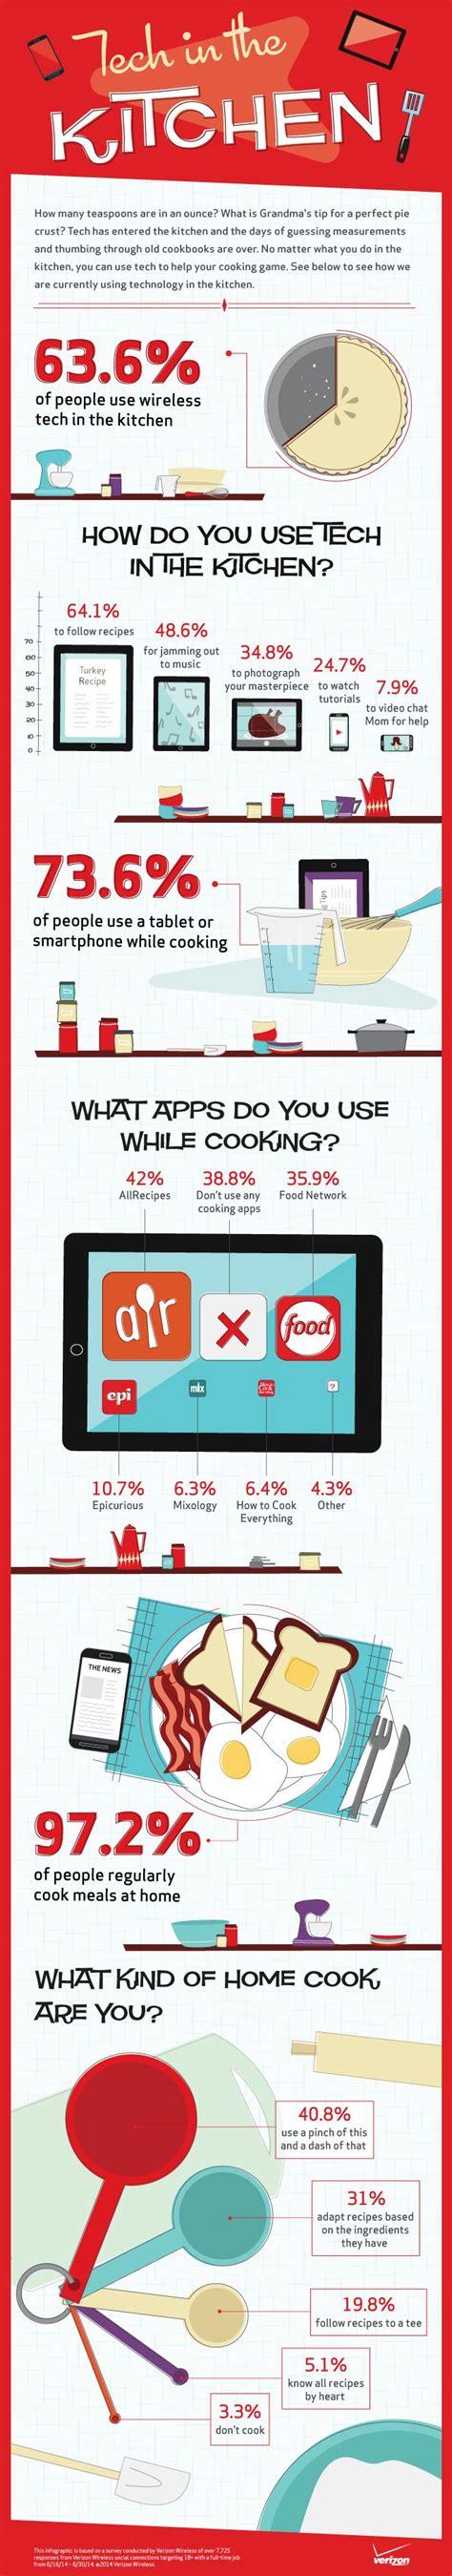 technologie cuisine bac pro technologie cuisine pictures gt gt technologie induction